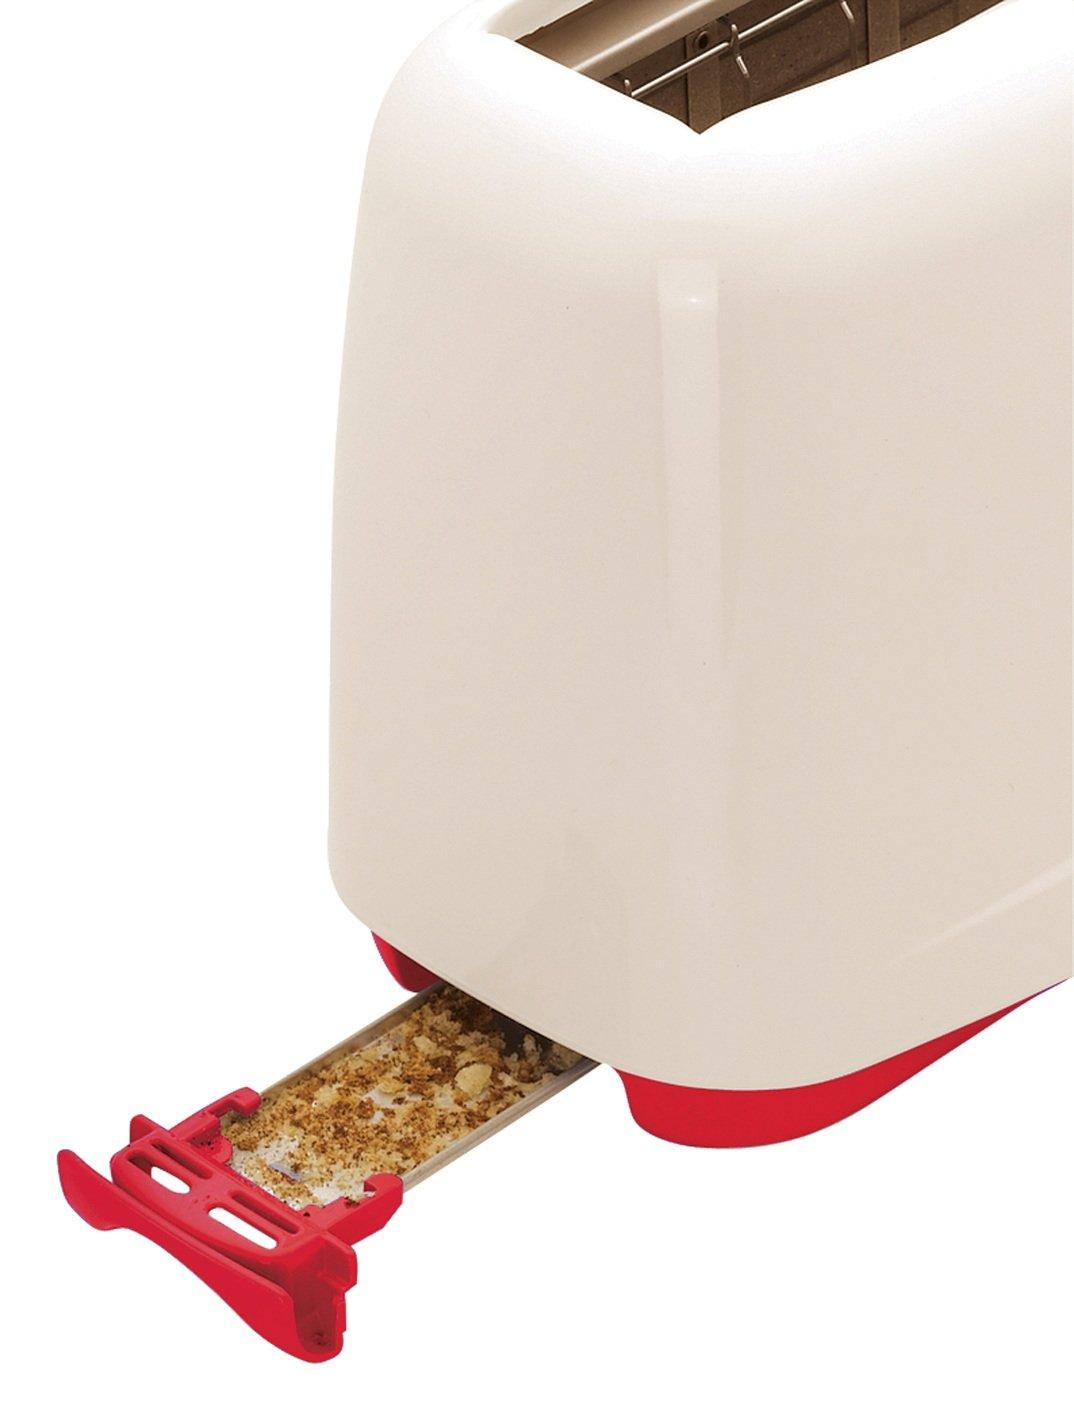 Tostadora Moulinex Principio Rojo y Blanco por solo 25,97€